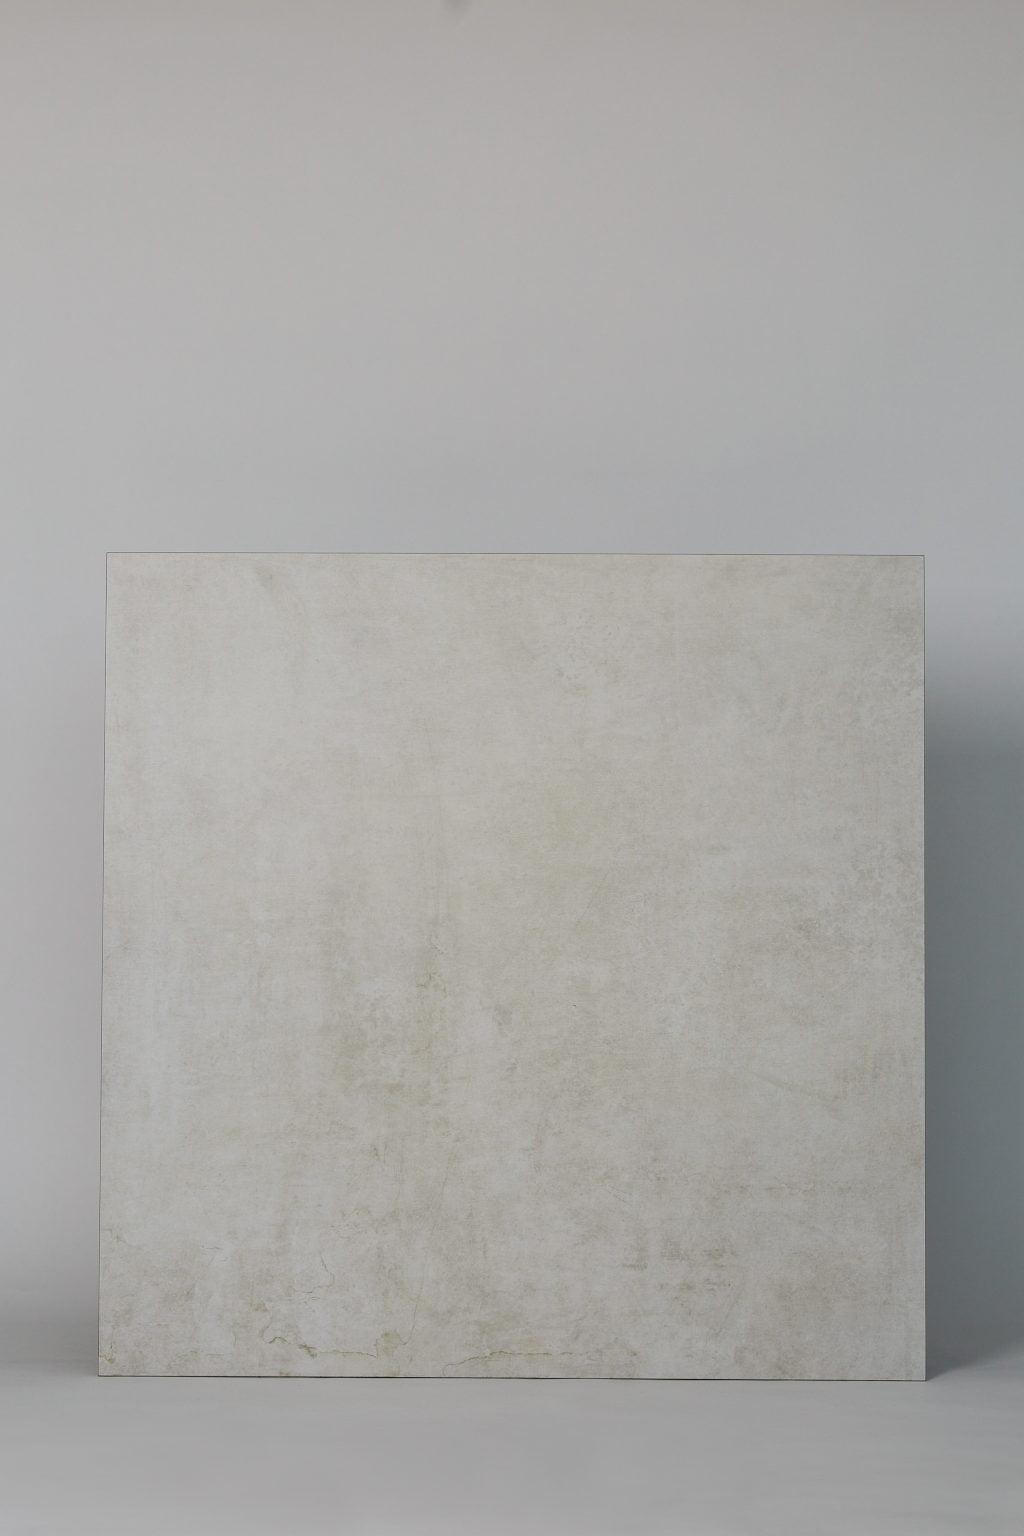 Płyta włoska gresowa, matowa, rektyfikowana, mrozoodporna, podłoga, ściana, rozmiar 90x90cm, kolekcja TUSCANIA My S'tile white